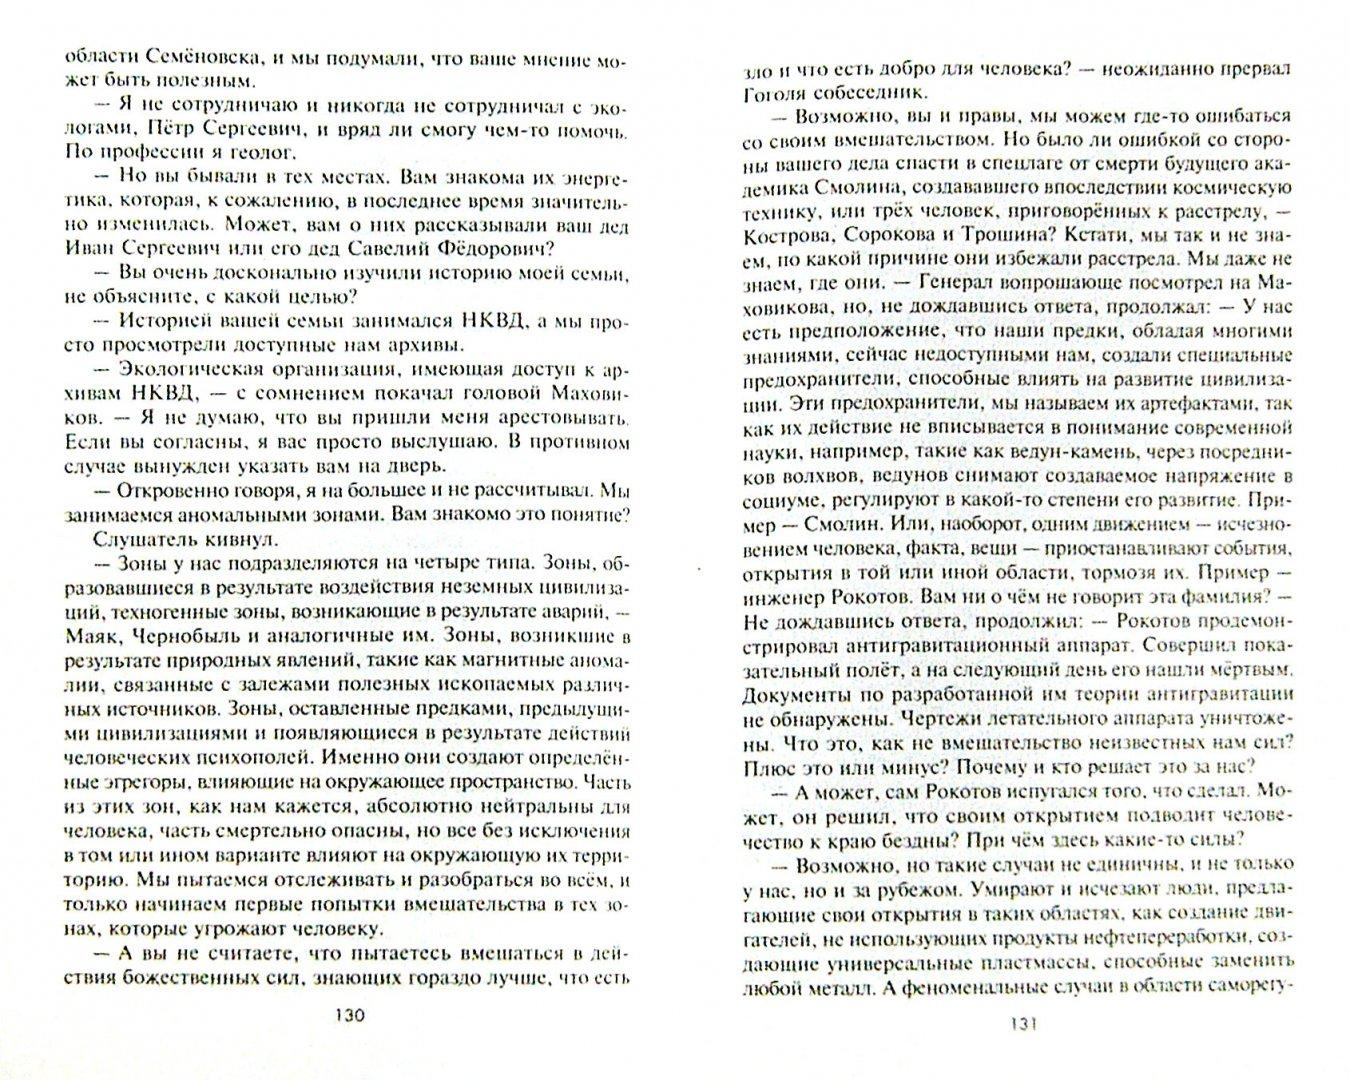 Иллюстрация 1 из 26 для Война теней - Николай Раков | Лабиринт - книги. Источник: Лабиринт